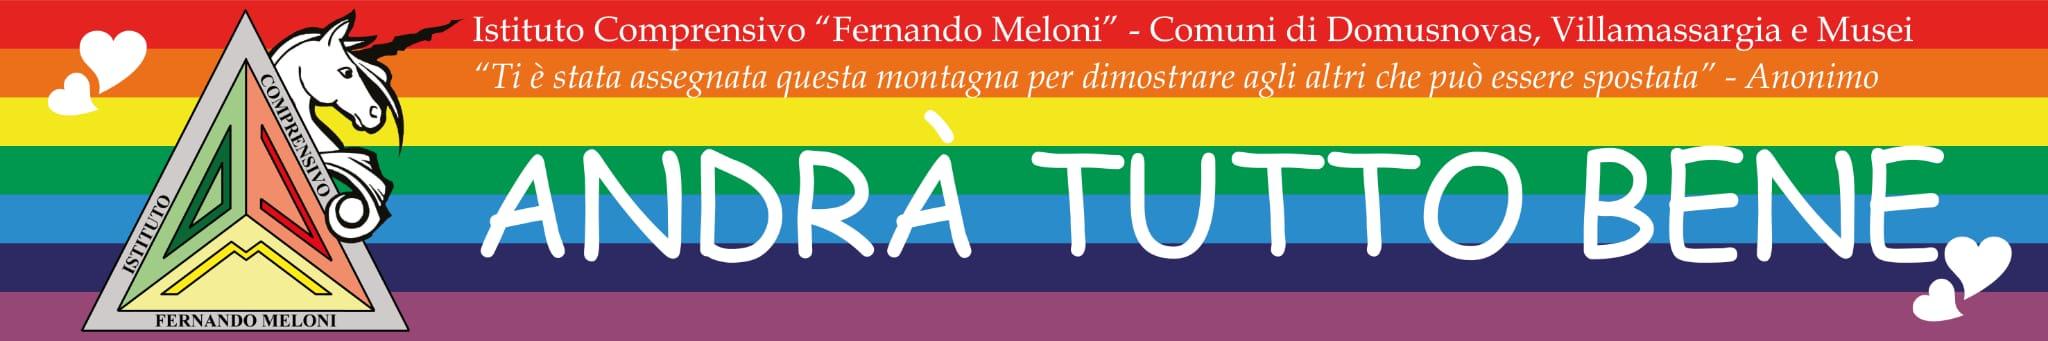 """L'Arcobaleno dell'Istituto Comprensivo """"F. Meloni"""""""